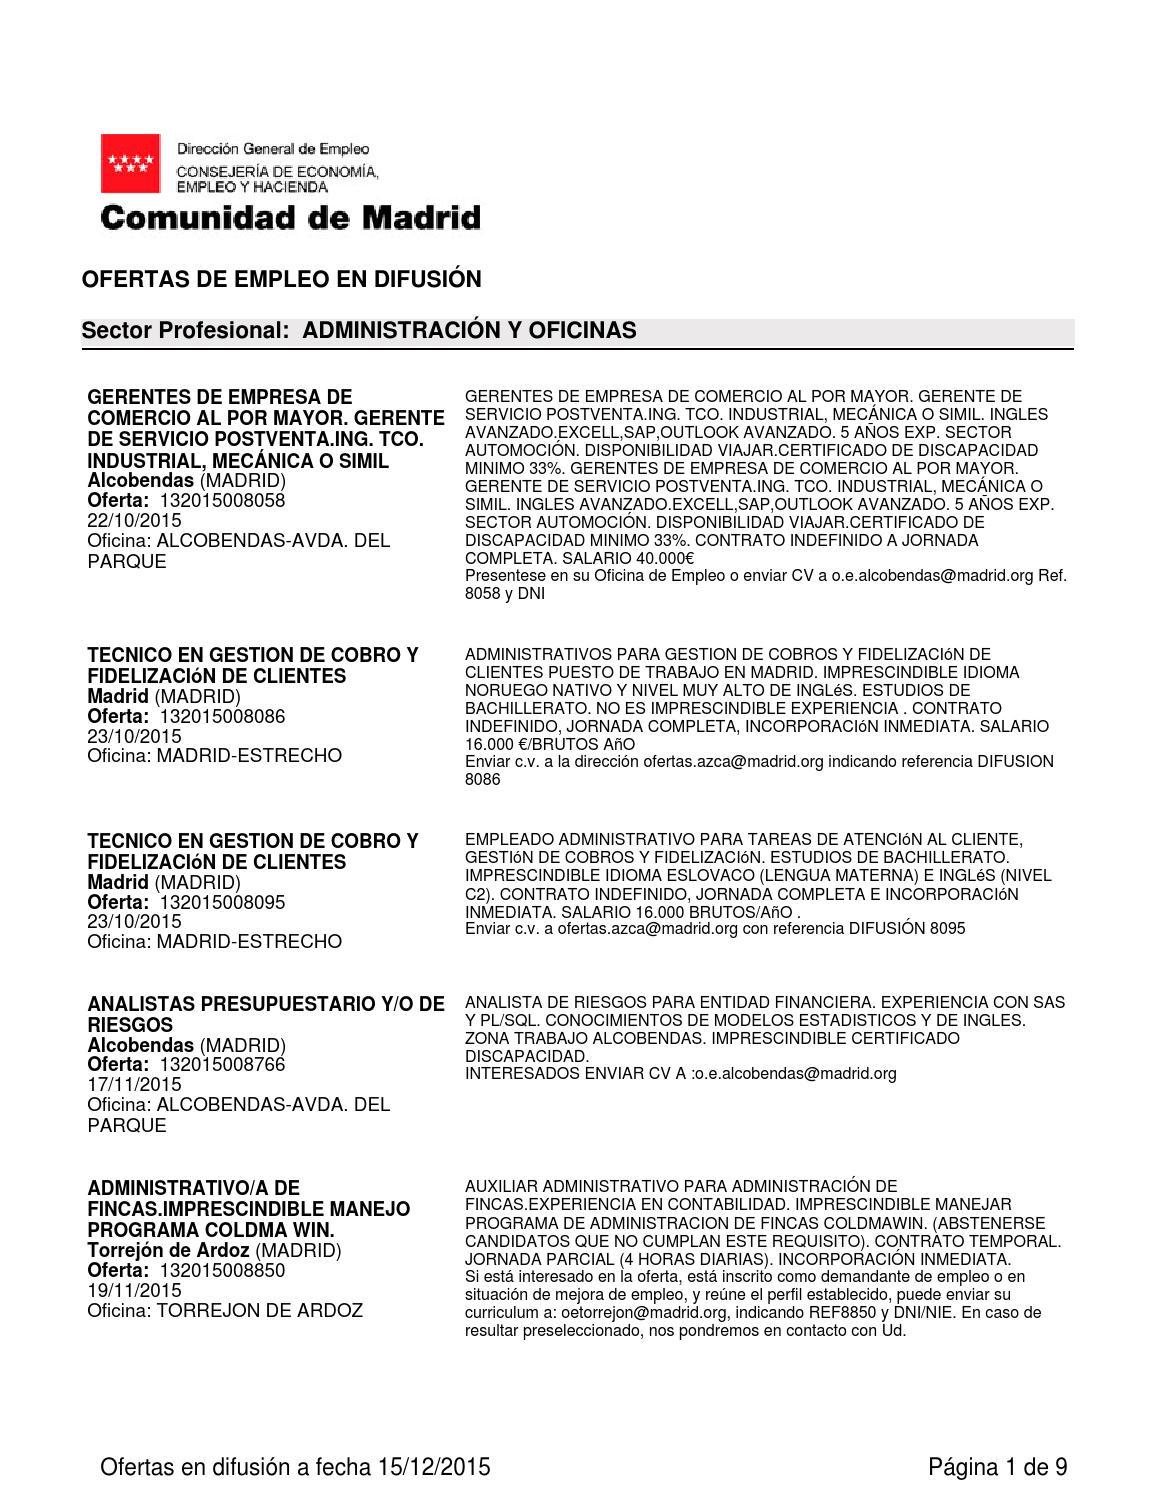 Ofertas de empleo en Madrid. Diciembre 2015 by Pedro Casas - issuu